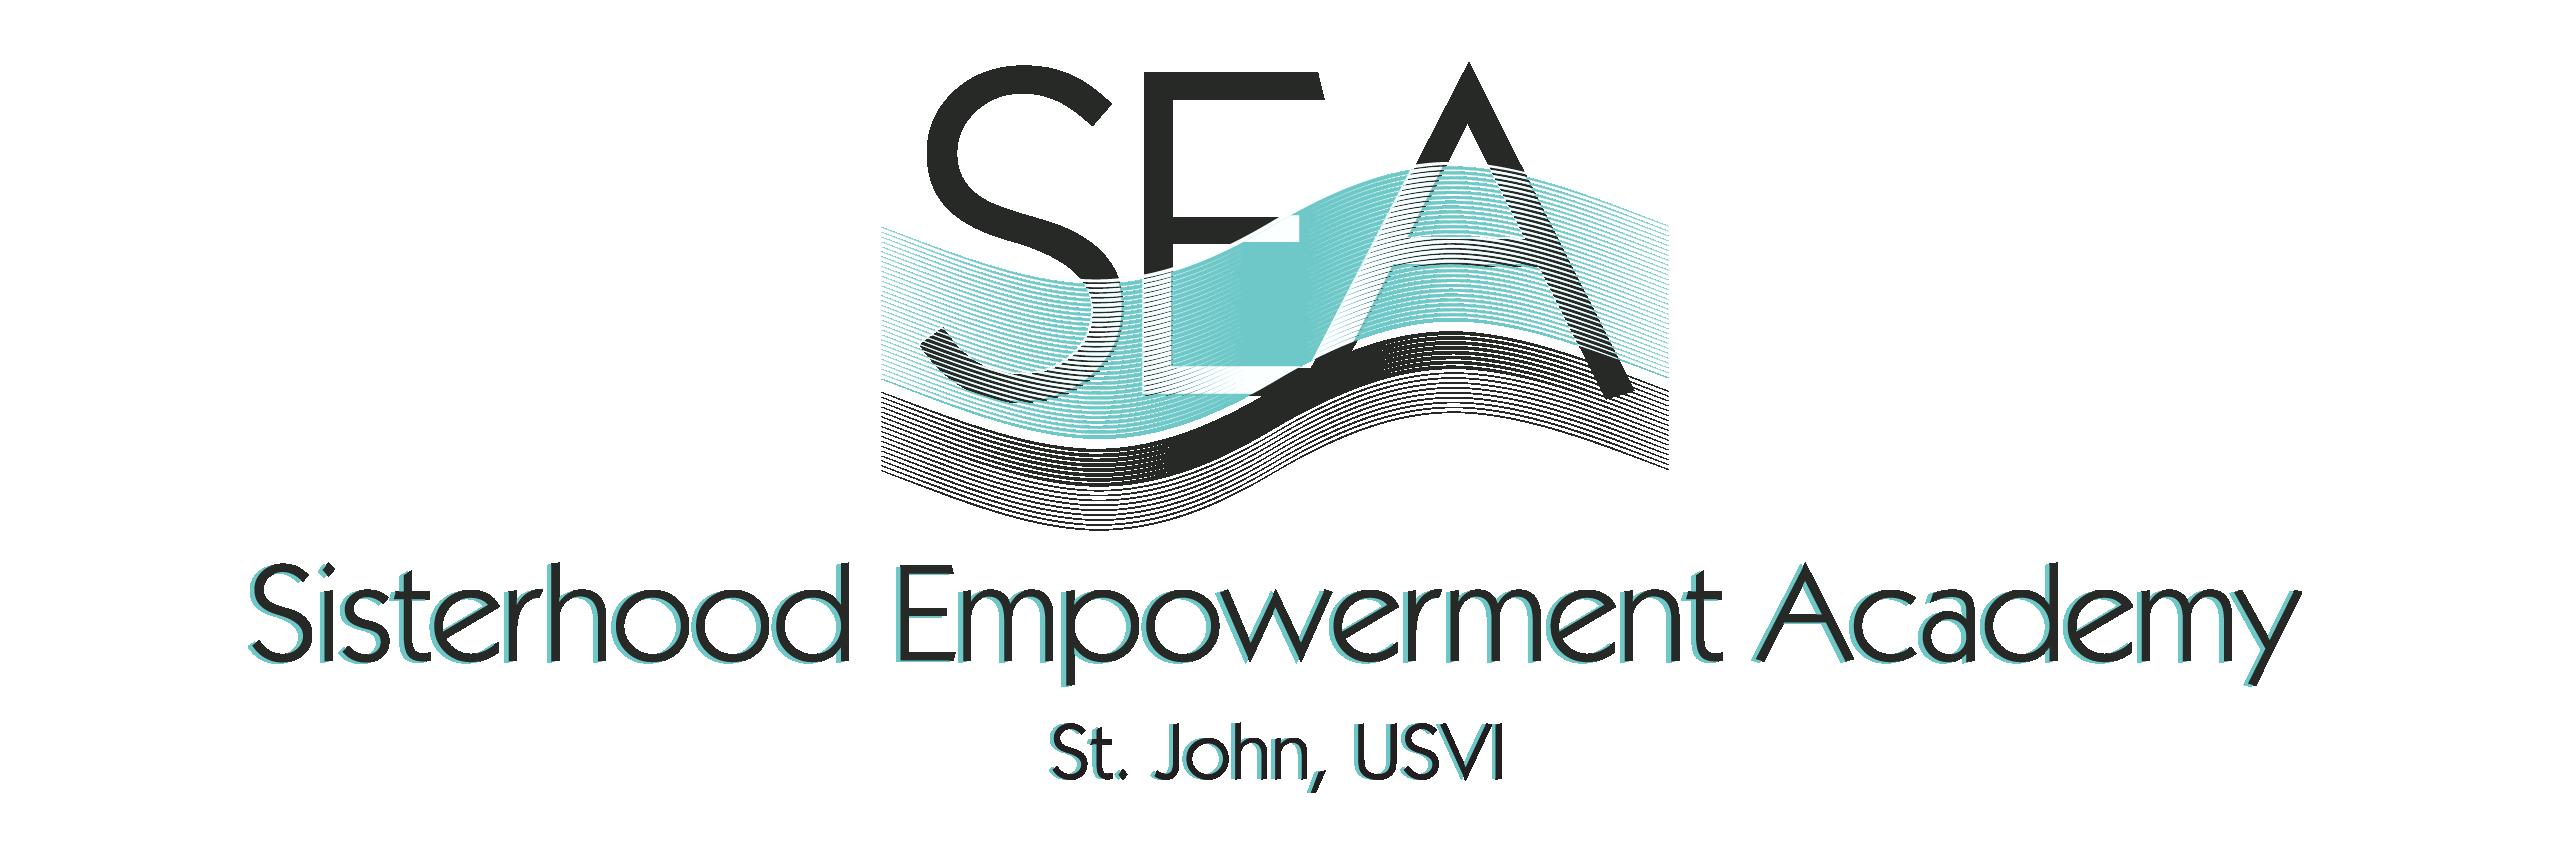 SEA_StJohn